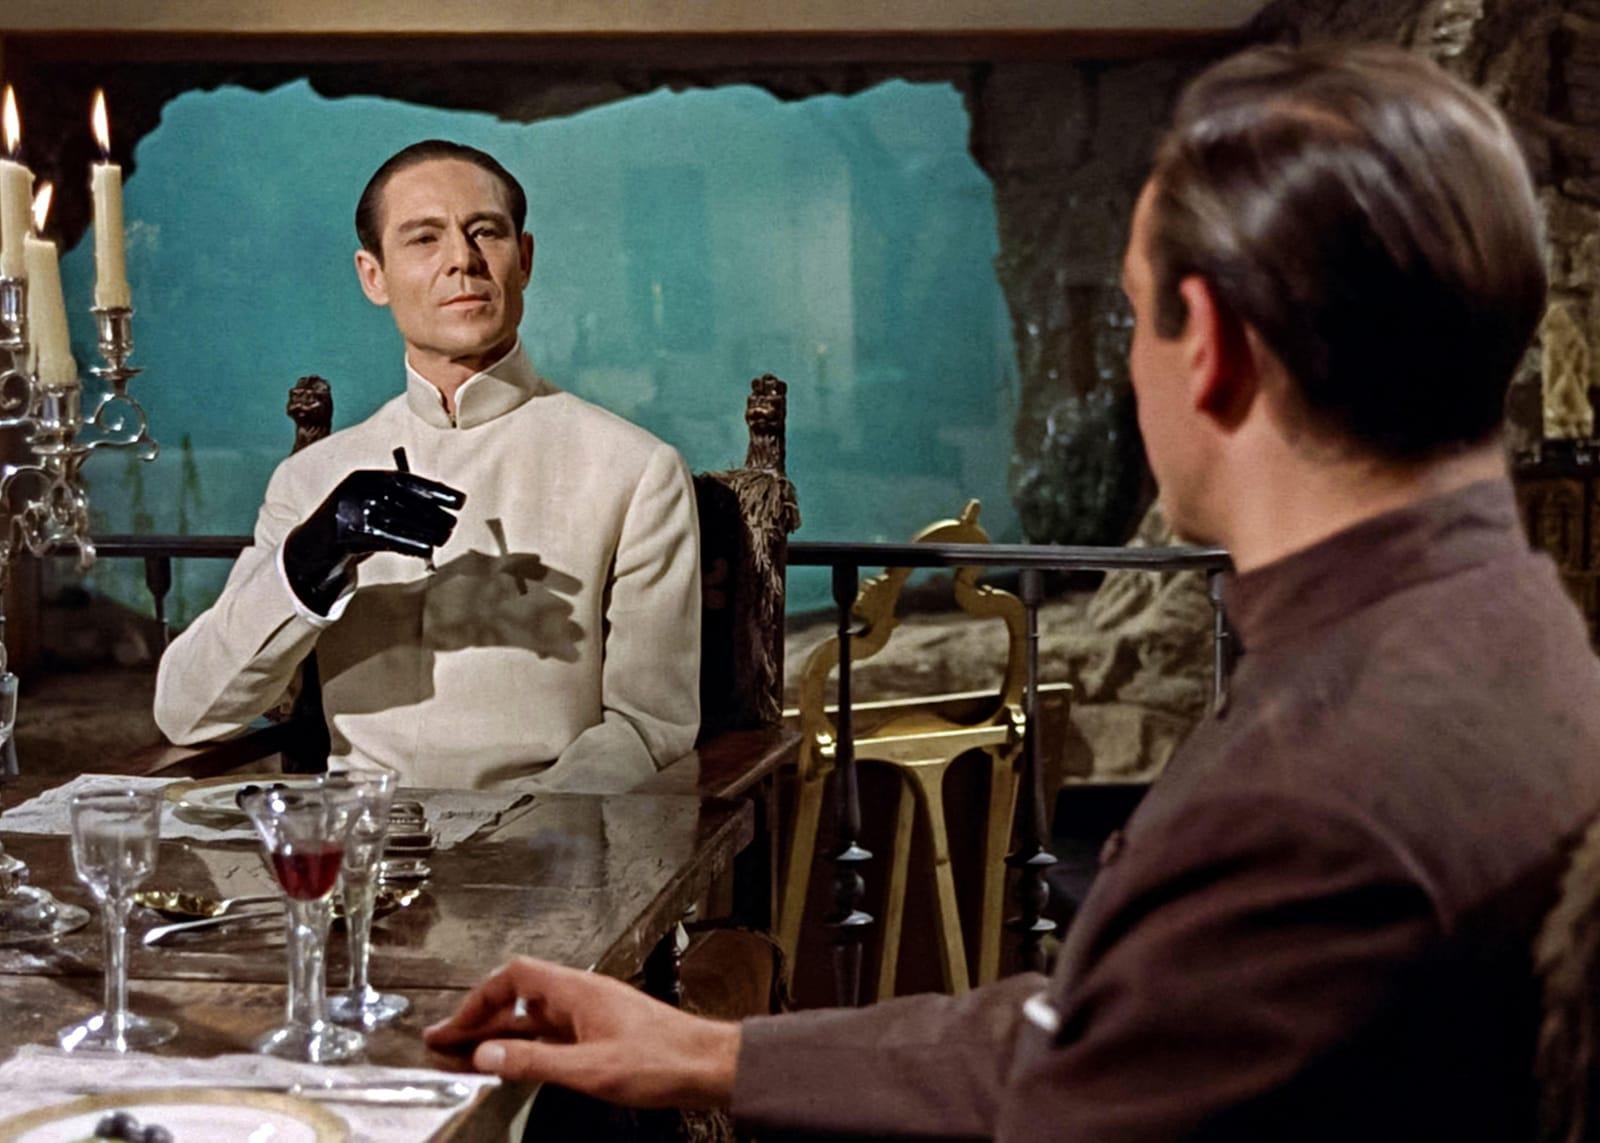 كيف أصبح وكر الشرير جزءًا من صيغة أفلام جيمس بوند؟